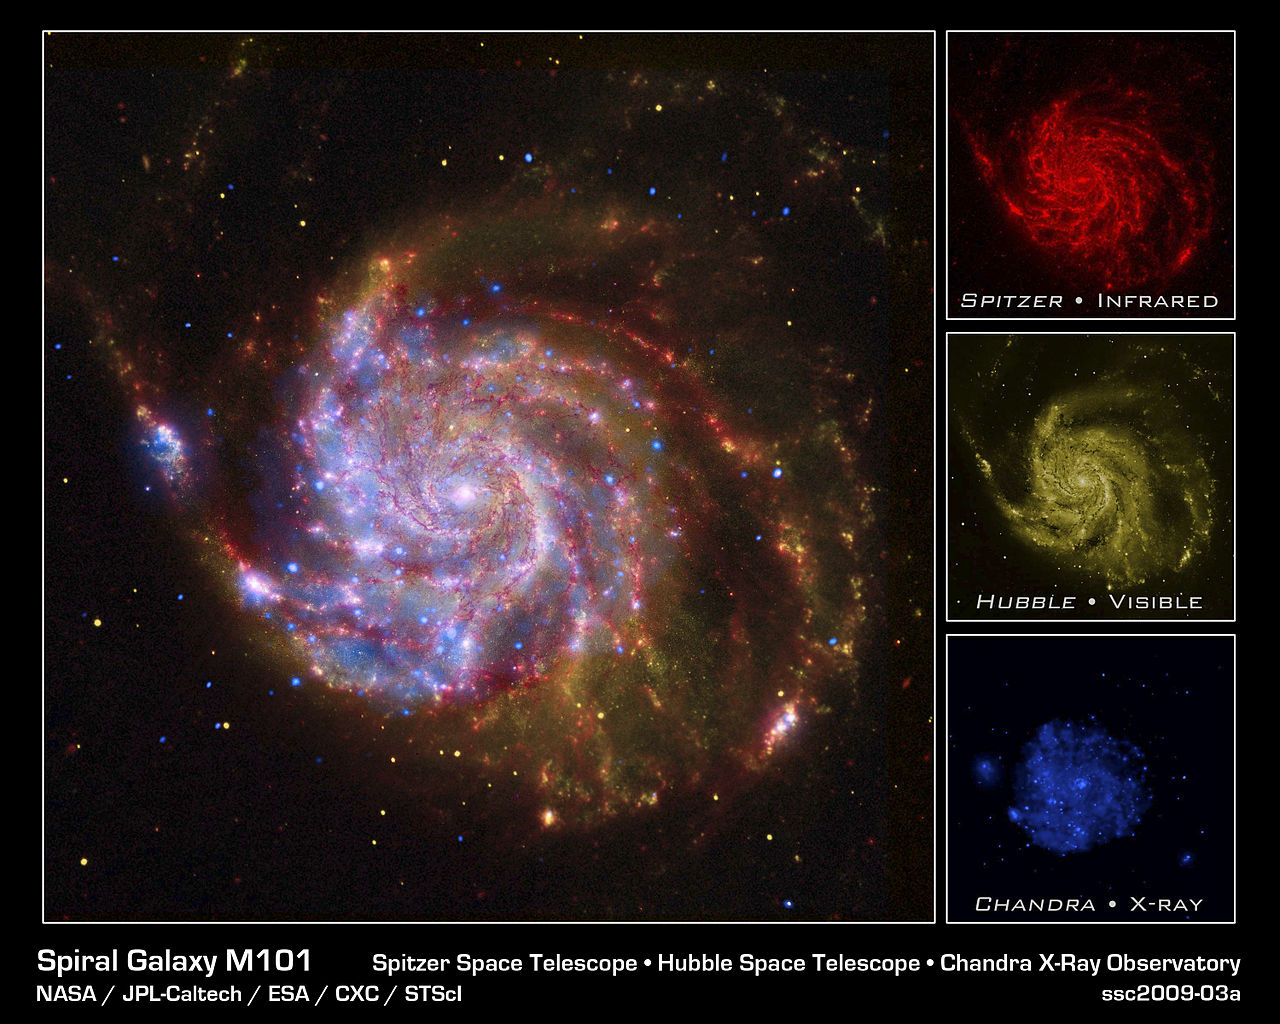 messier 101,m101,m101 galaxy